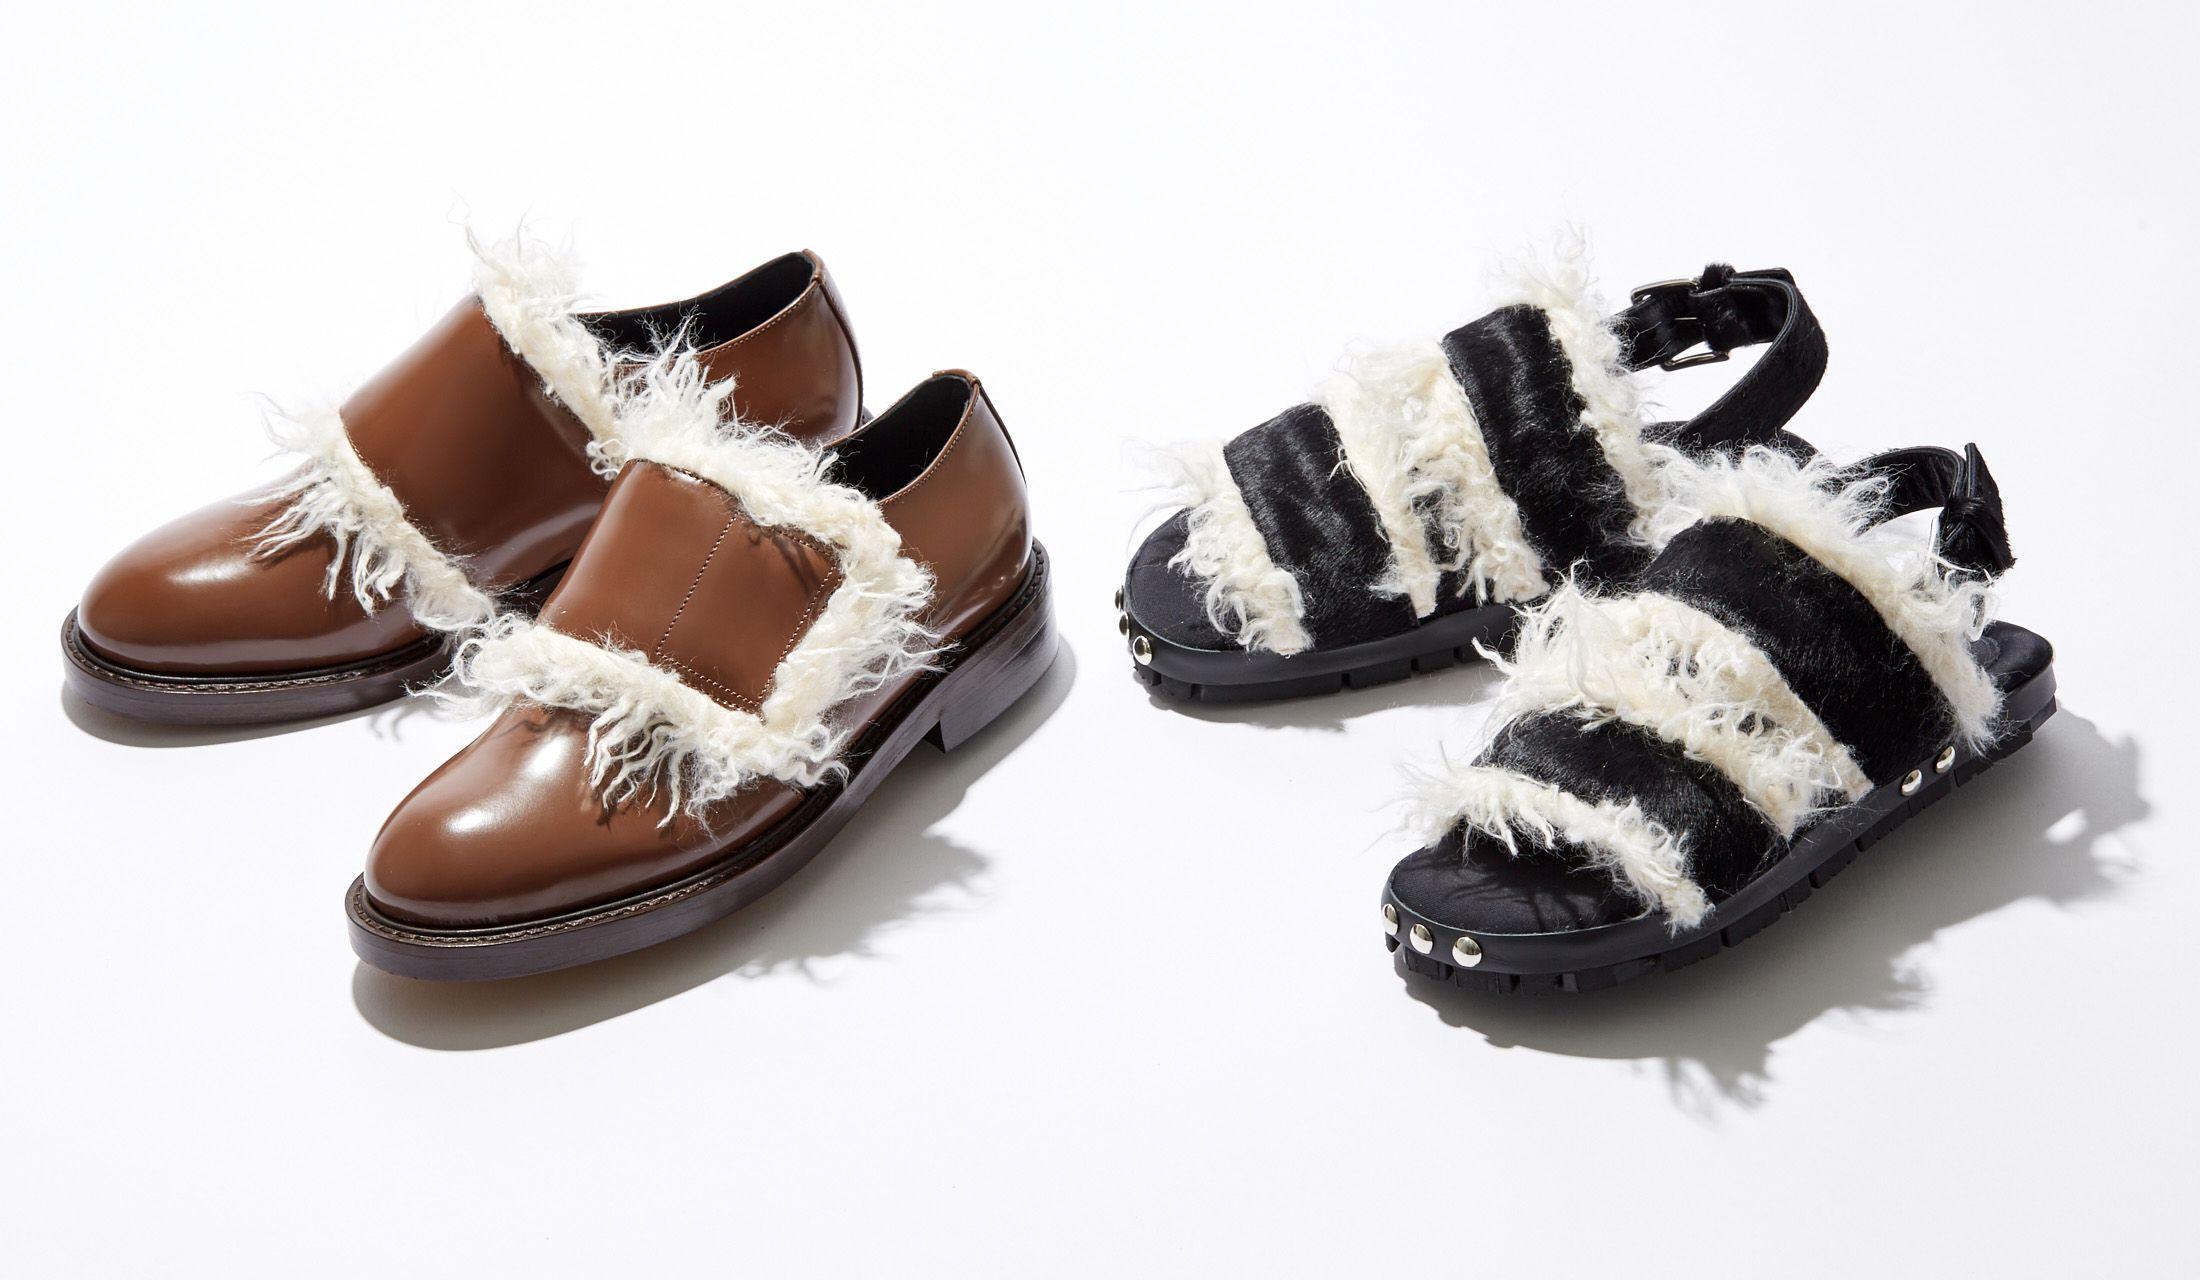 マルニのエコファー靴とサンダルの写真